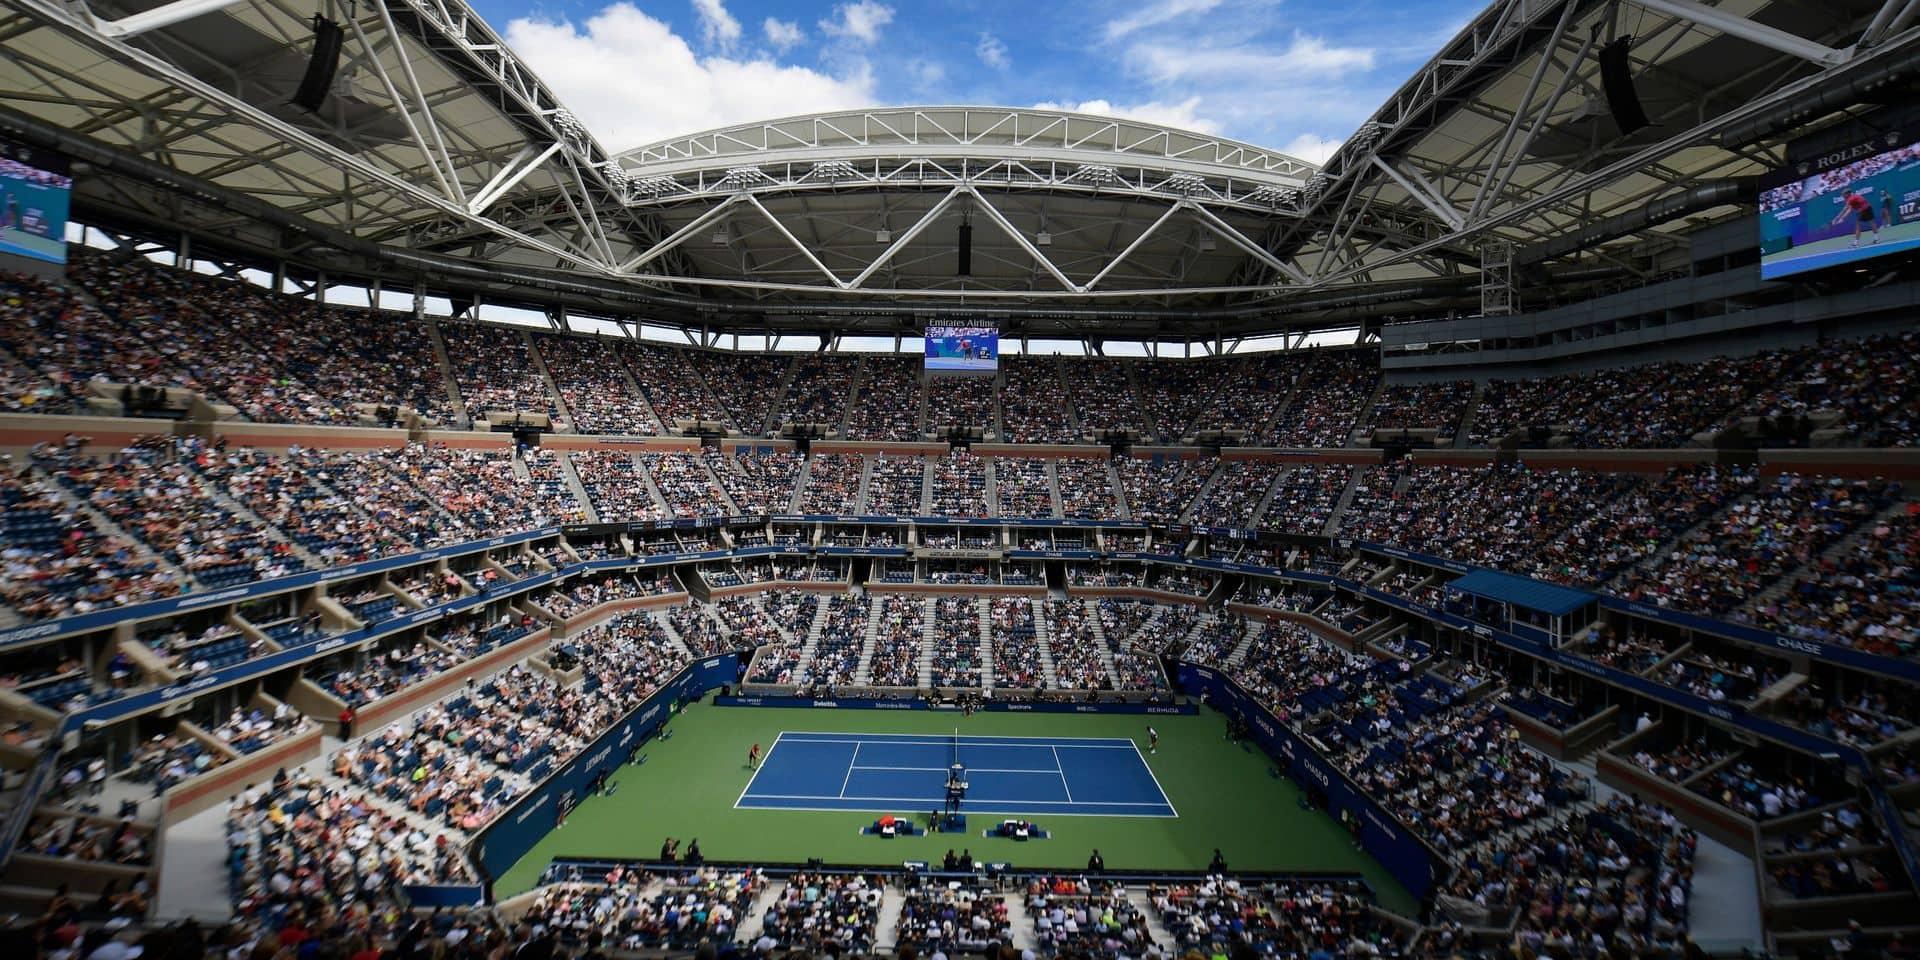 L'US Open à huis clos, un autre monde